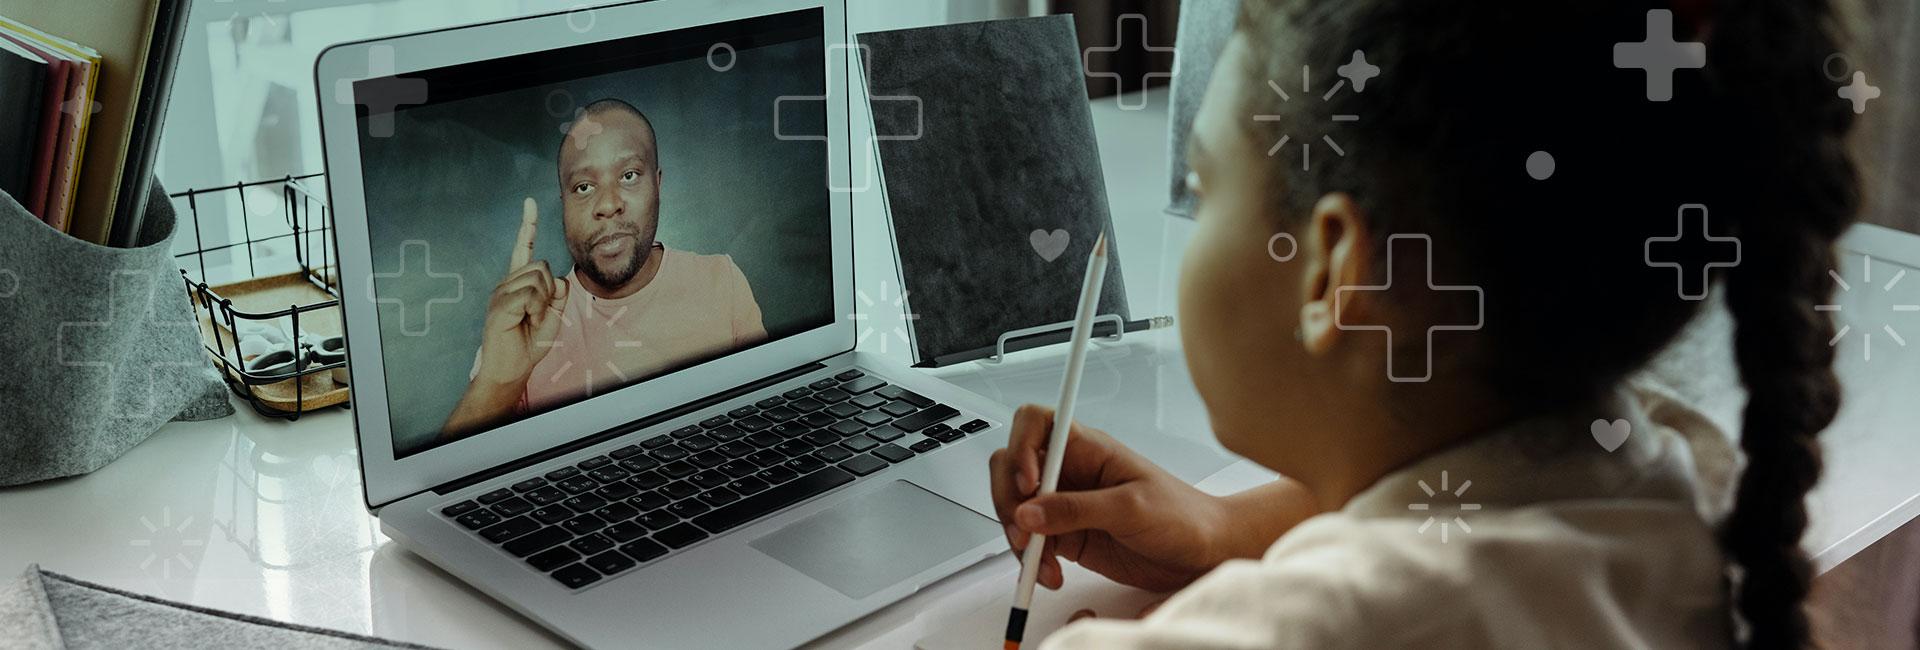 Cómo mejorar el desempeño en el teletrabajo y las-clases virtuales